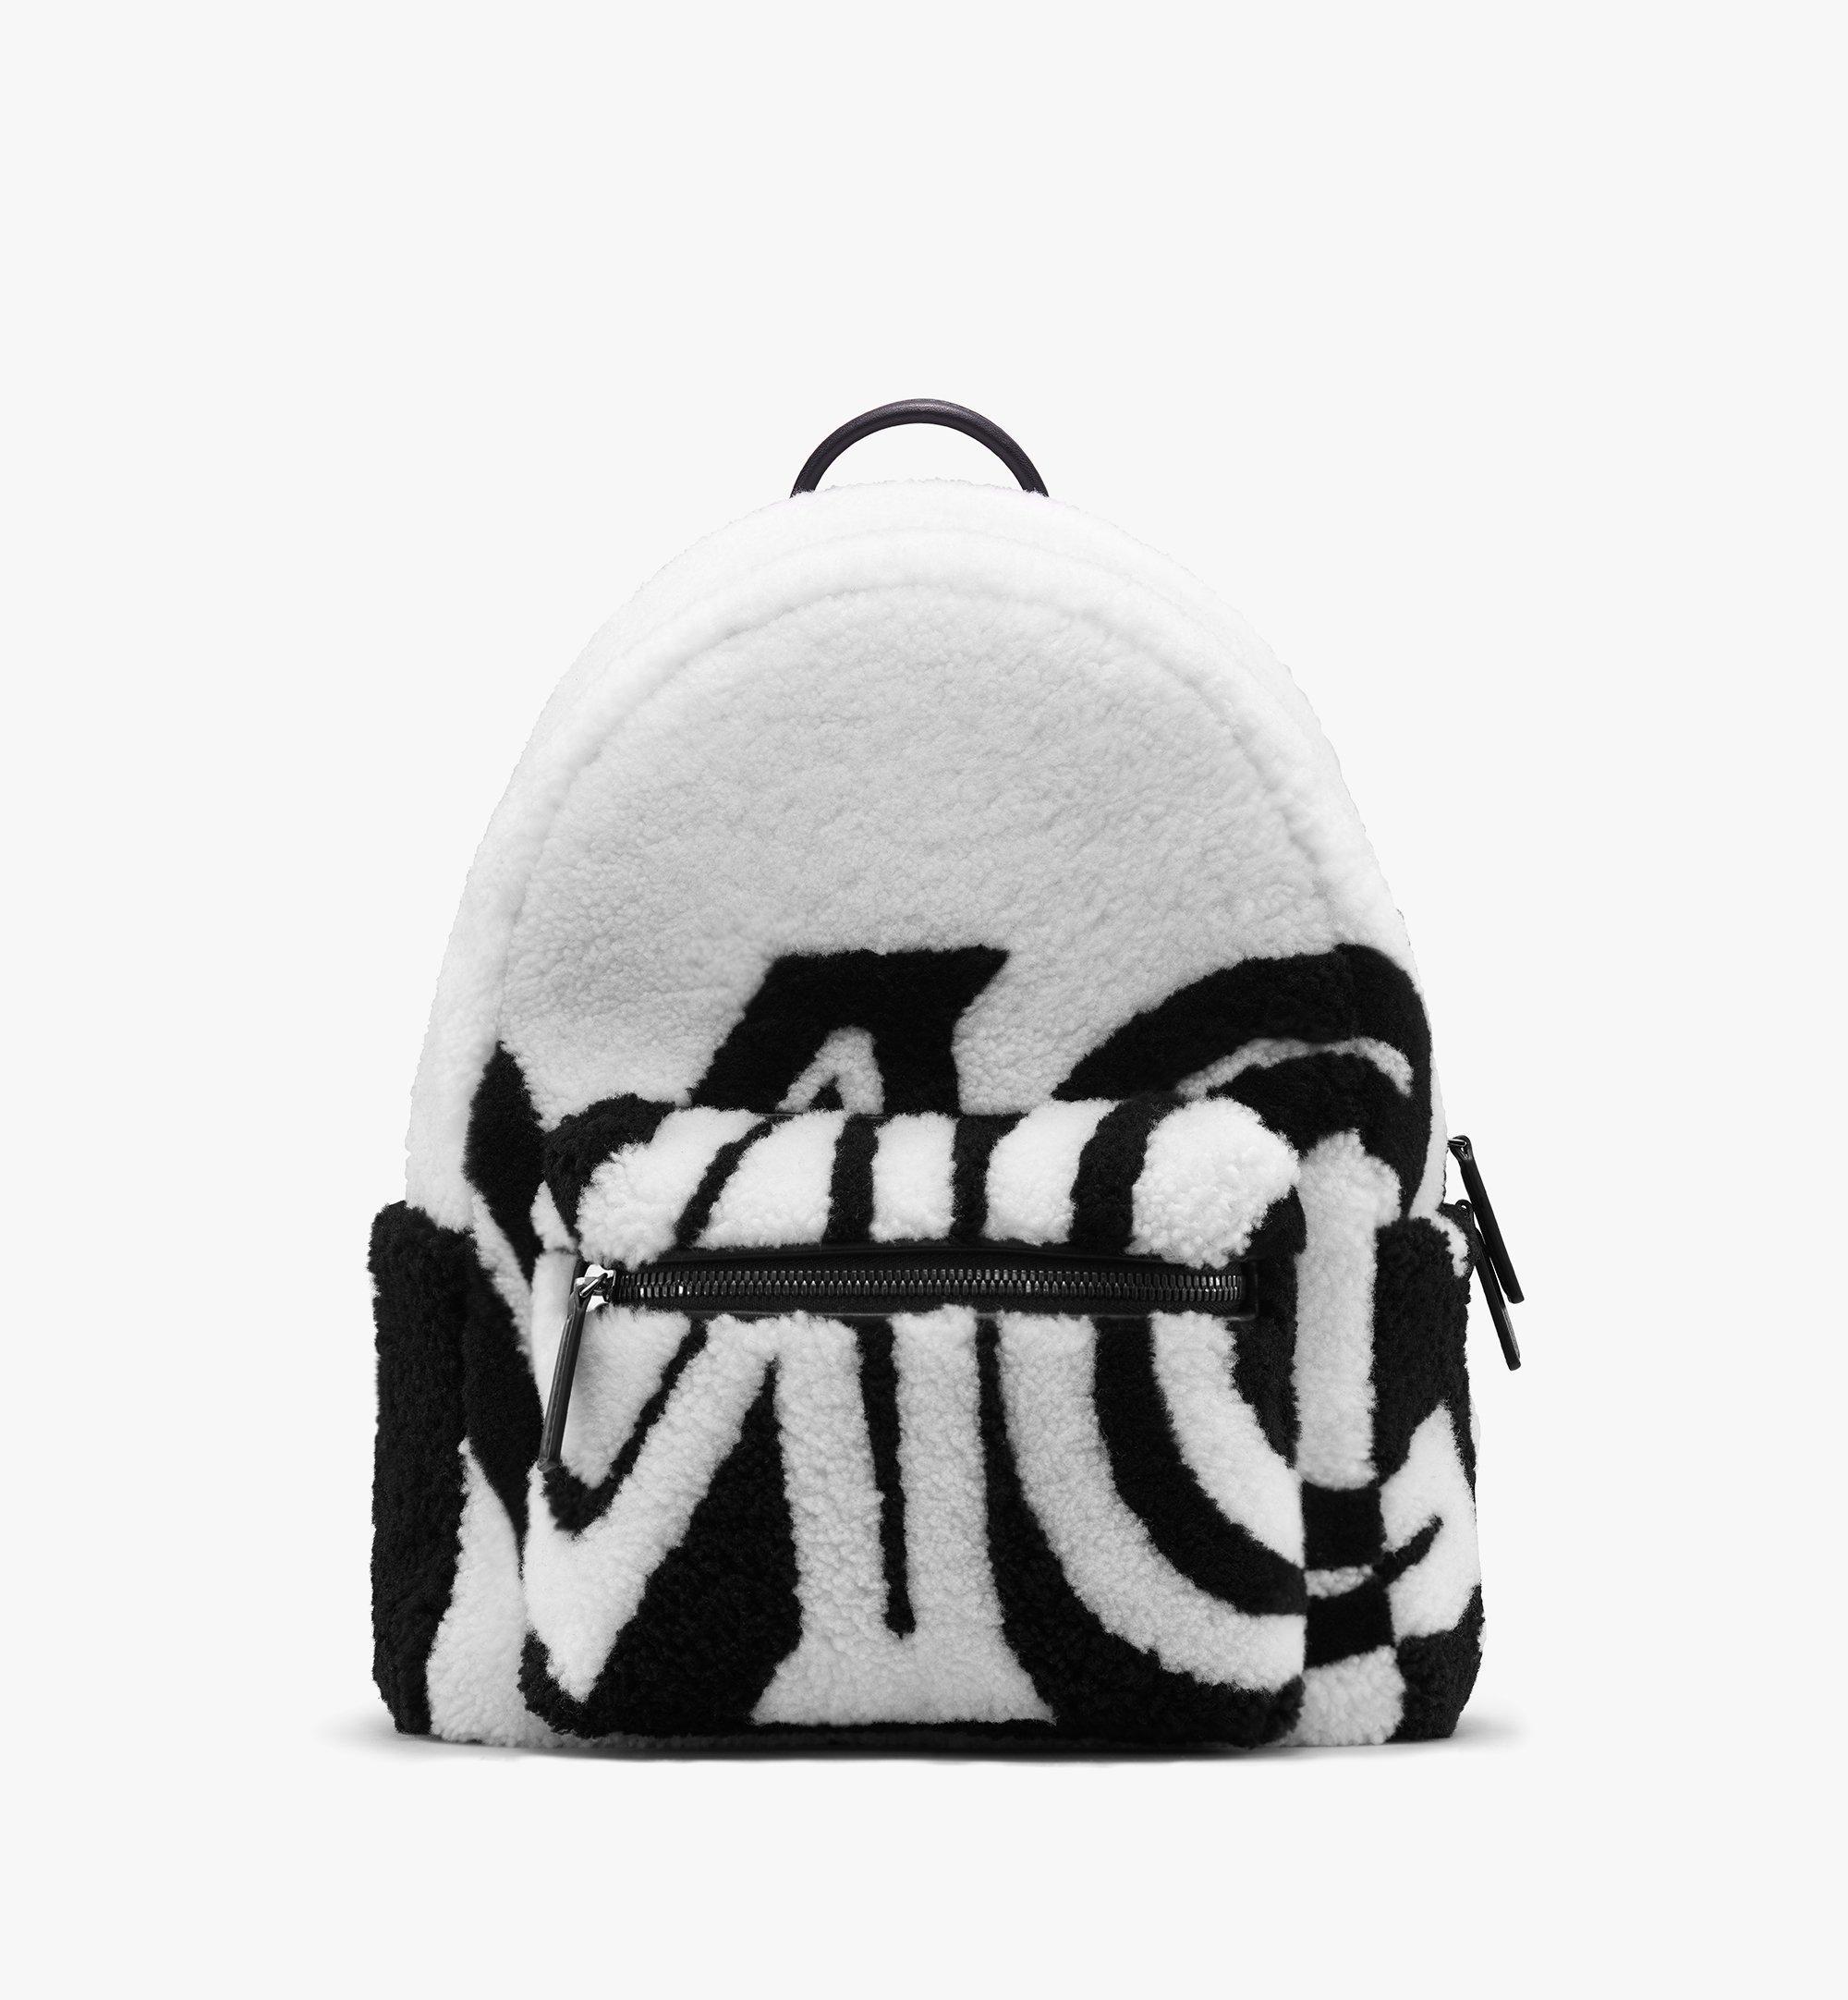 MCM Sac à dos Stark en peau de mouton avec logo contrastant  MMK9AVE17WD001 Alternate View 1